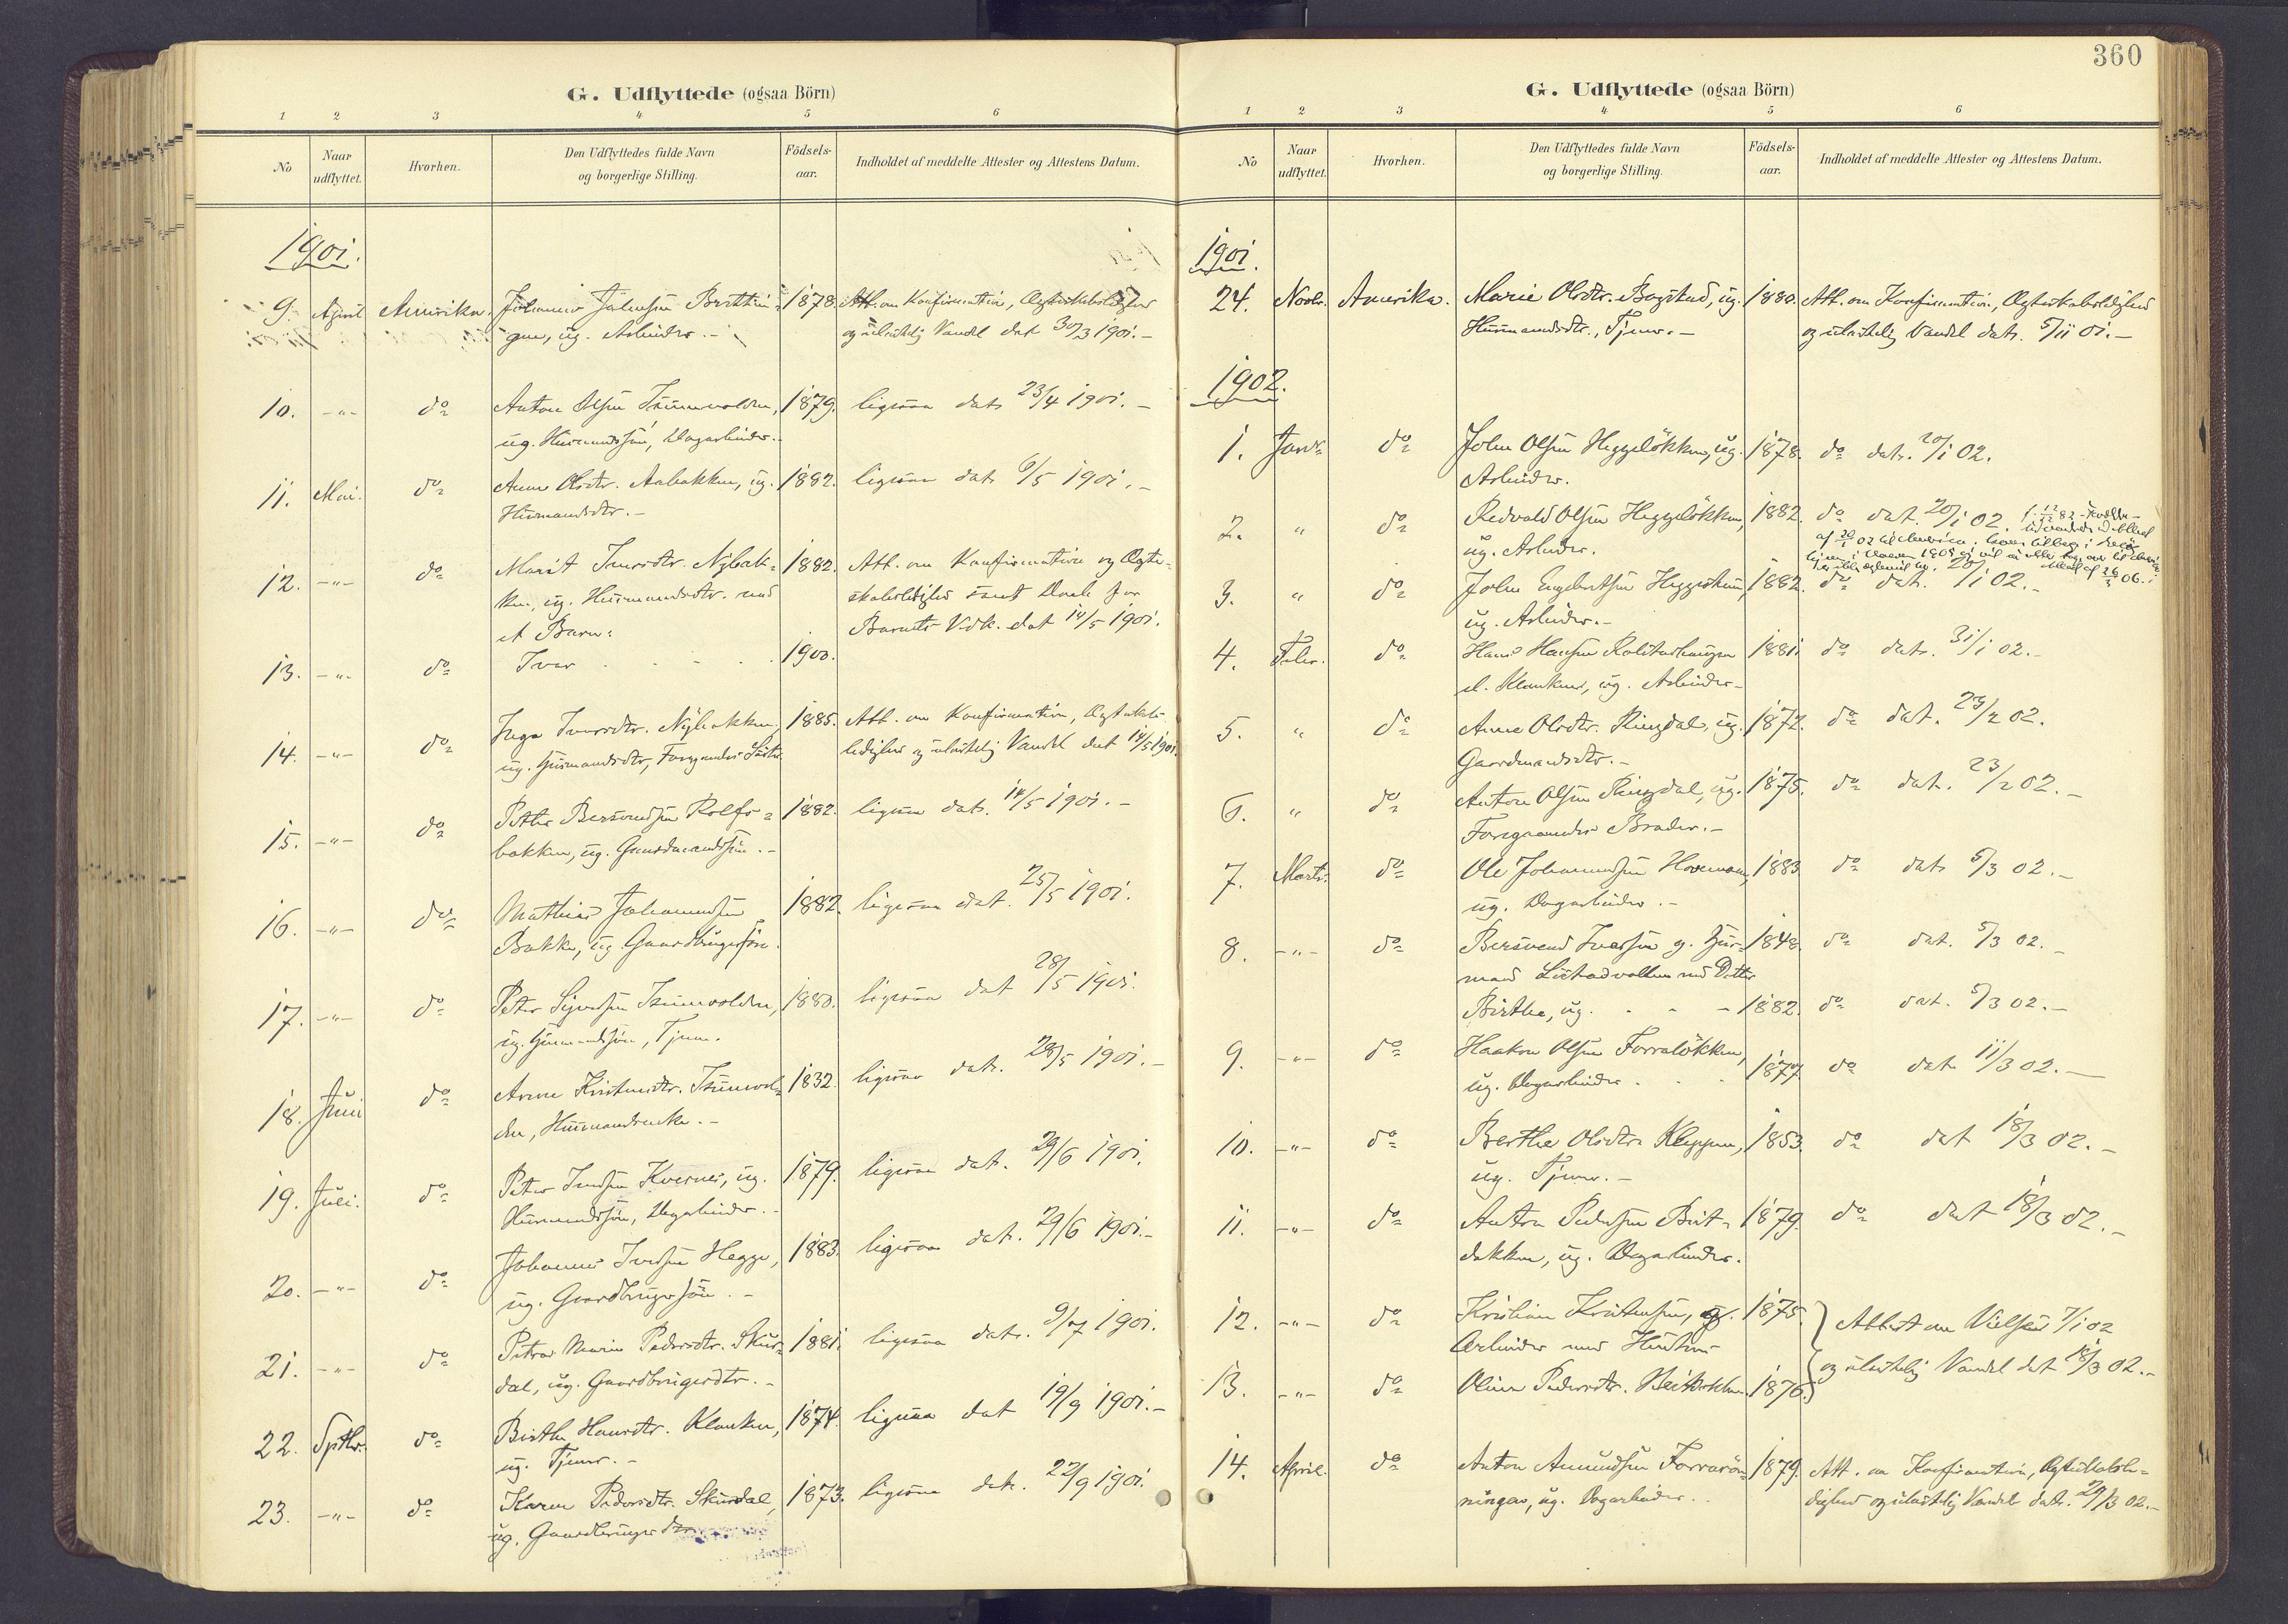 SAH, Sør-Fron prestekontor, H/Ha/Haa/L0004: Ministerialbok nr. 4, 1898-1919, s. 360